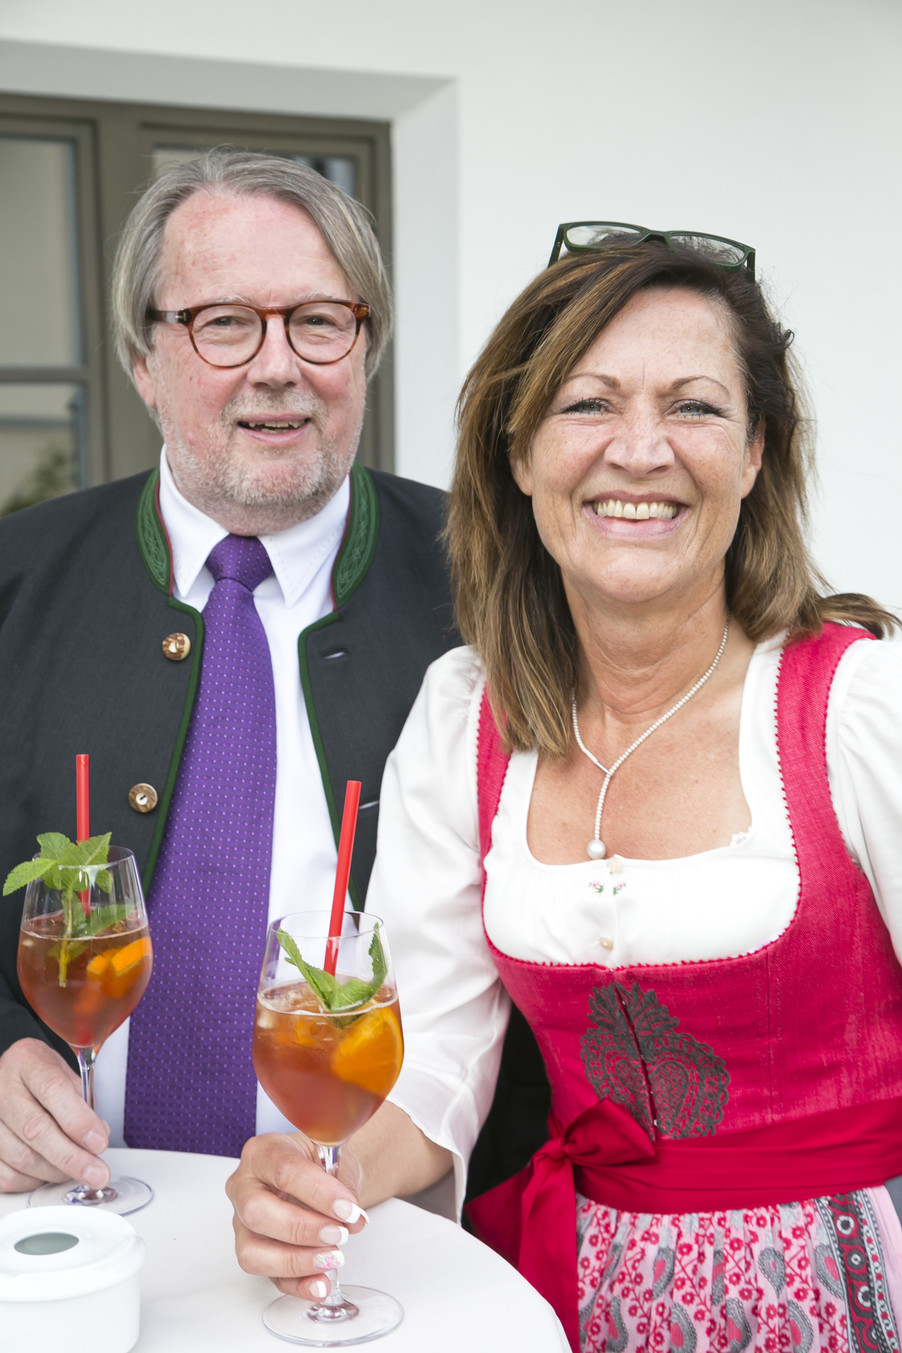 Bild 6 | Löwen Hotel Montafon: Erfolgreiches Four-Hands-Dinner in der Löwen Stube